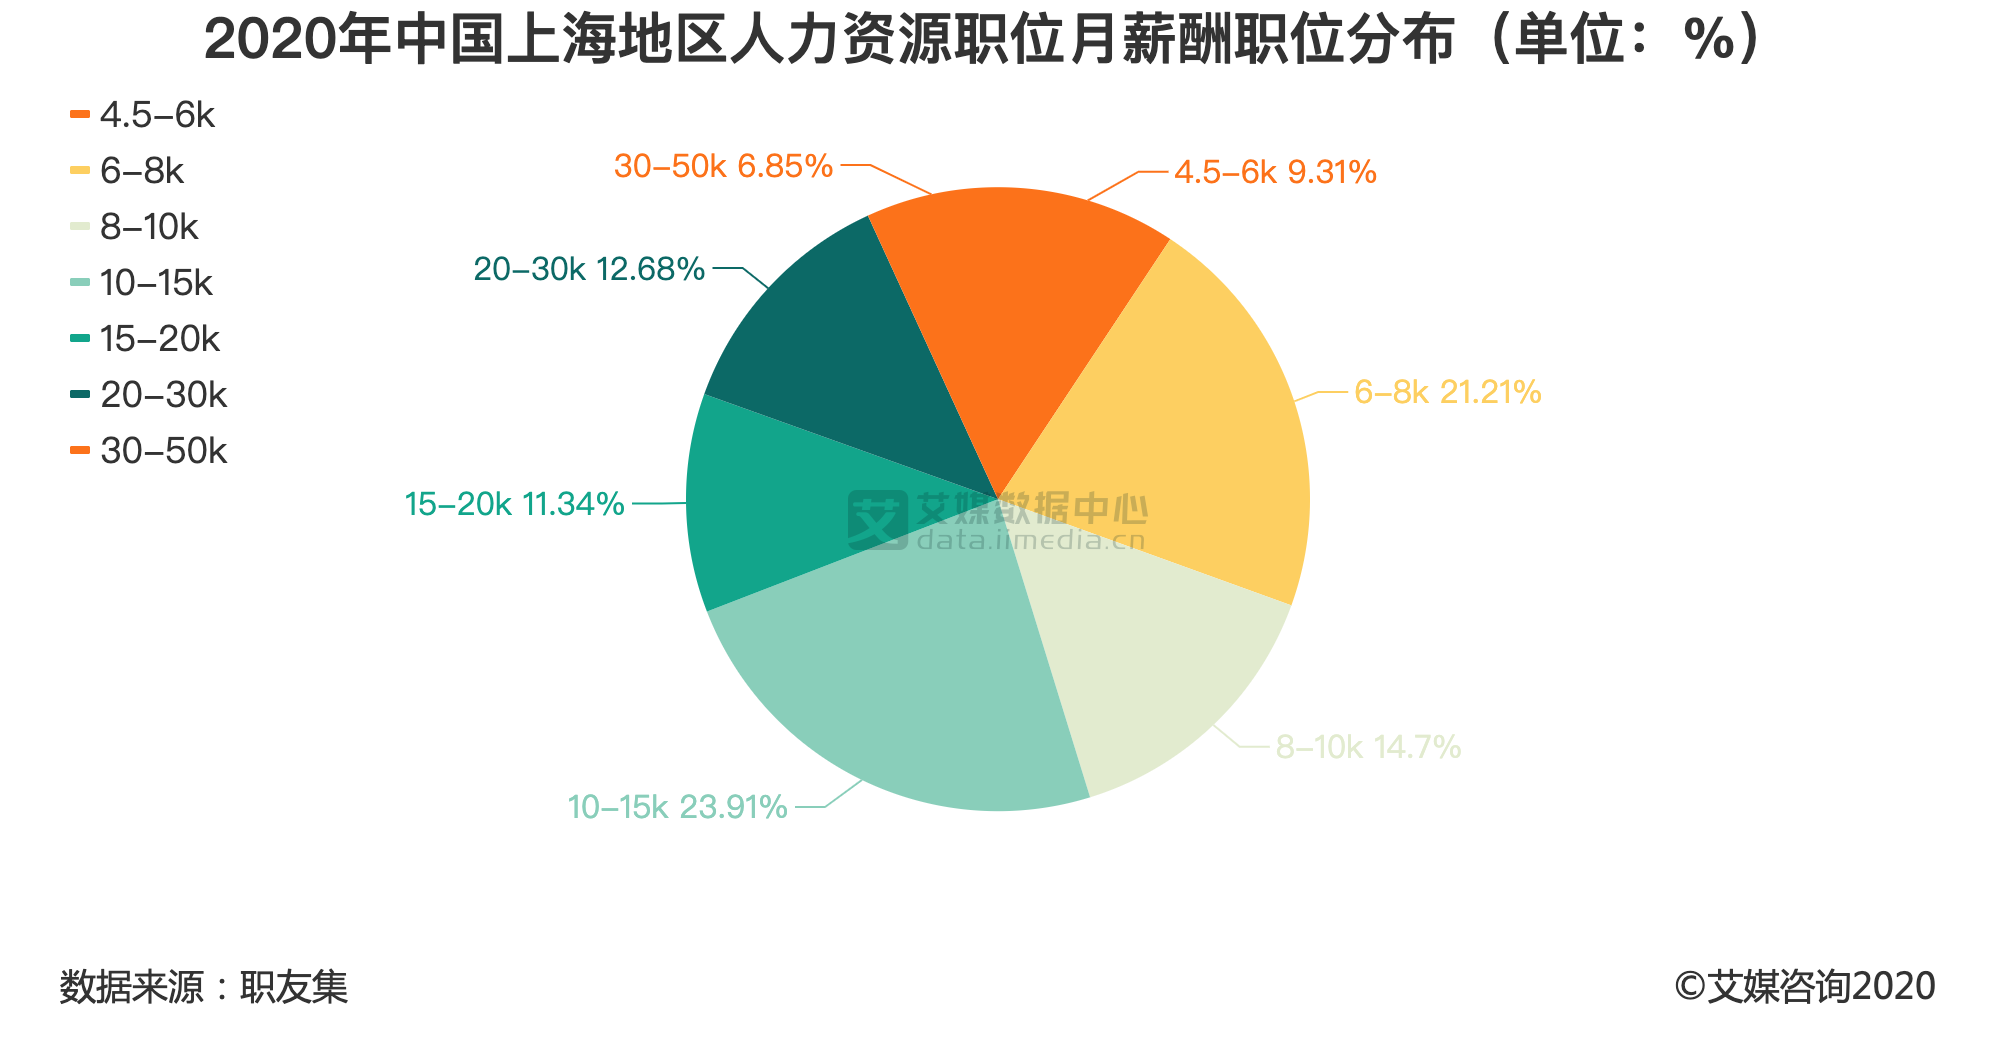 2020年中国上海地区人力资源职位月薪酬职位分布(单位:%)